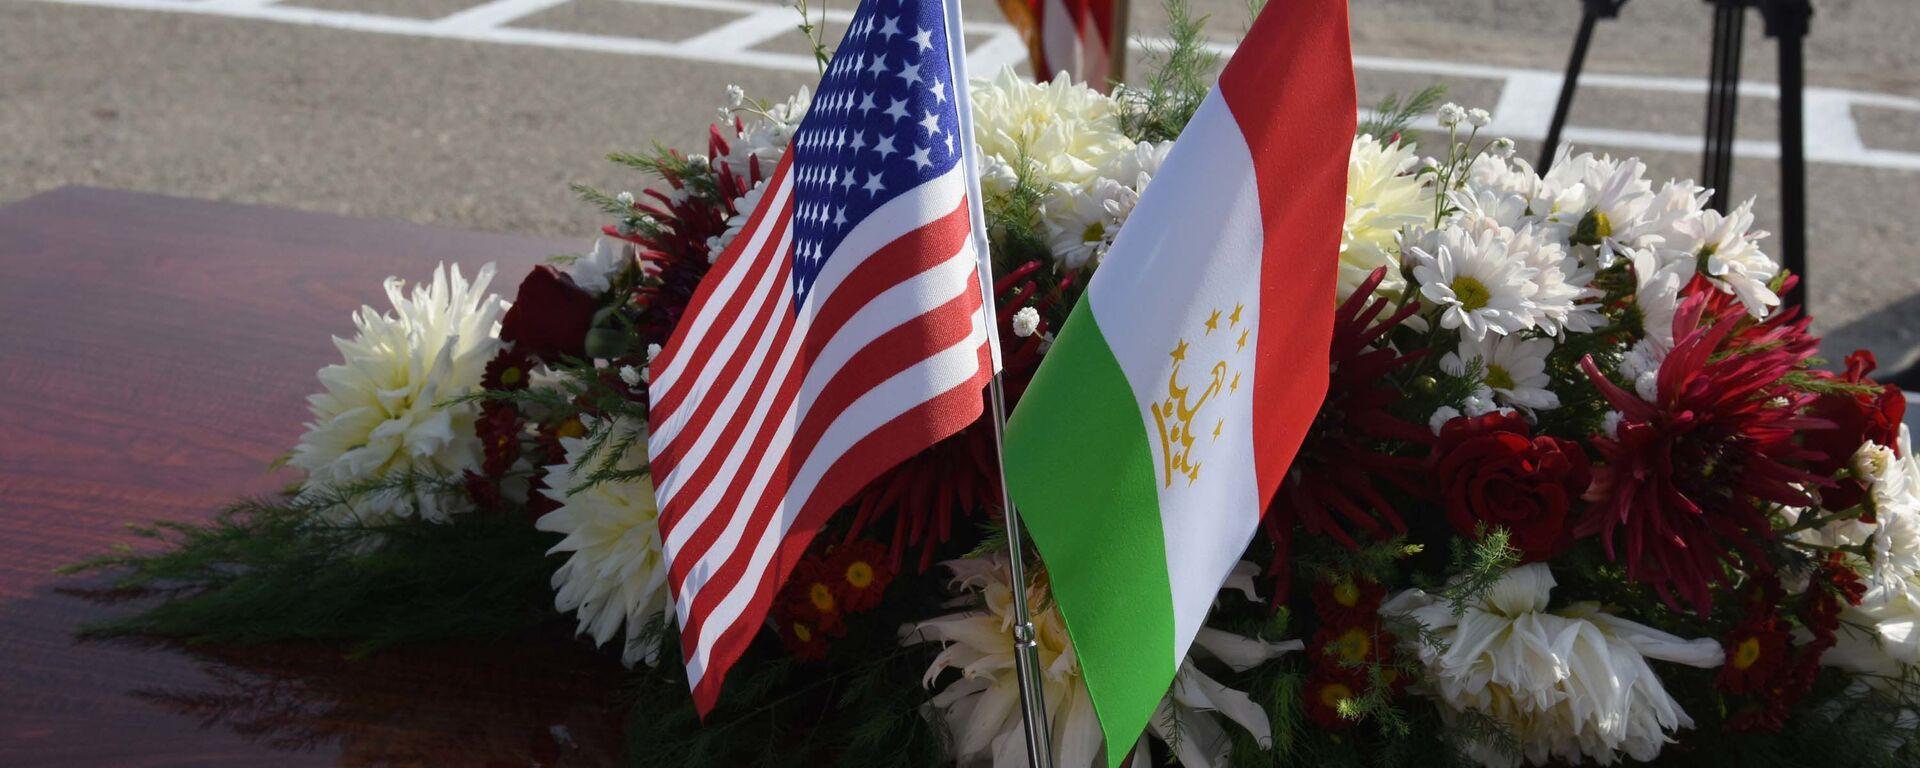 Флаги США и Таджикистана - Sputnik Таджикистан, 1920, 23.09.2021